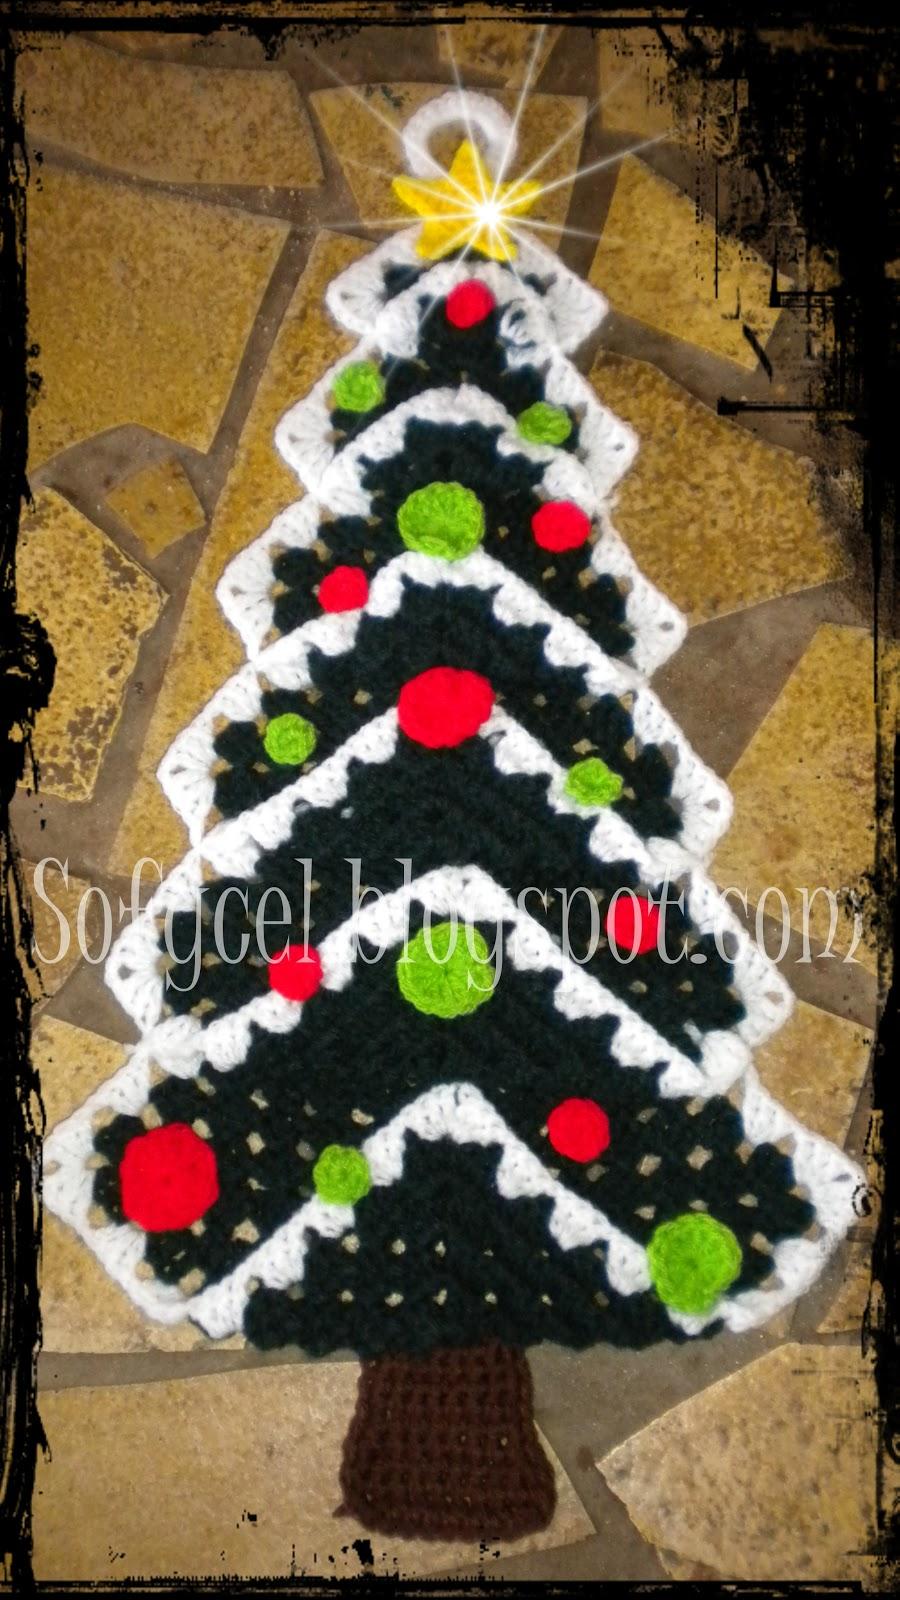 Sofycel creaciones la navidad se acerca for Fotos de puertas decoradas de navidad